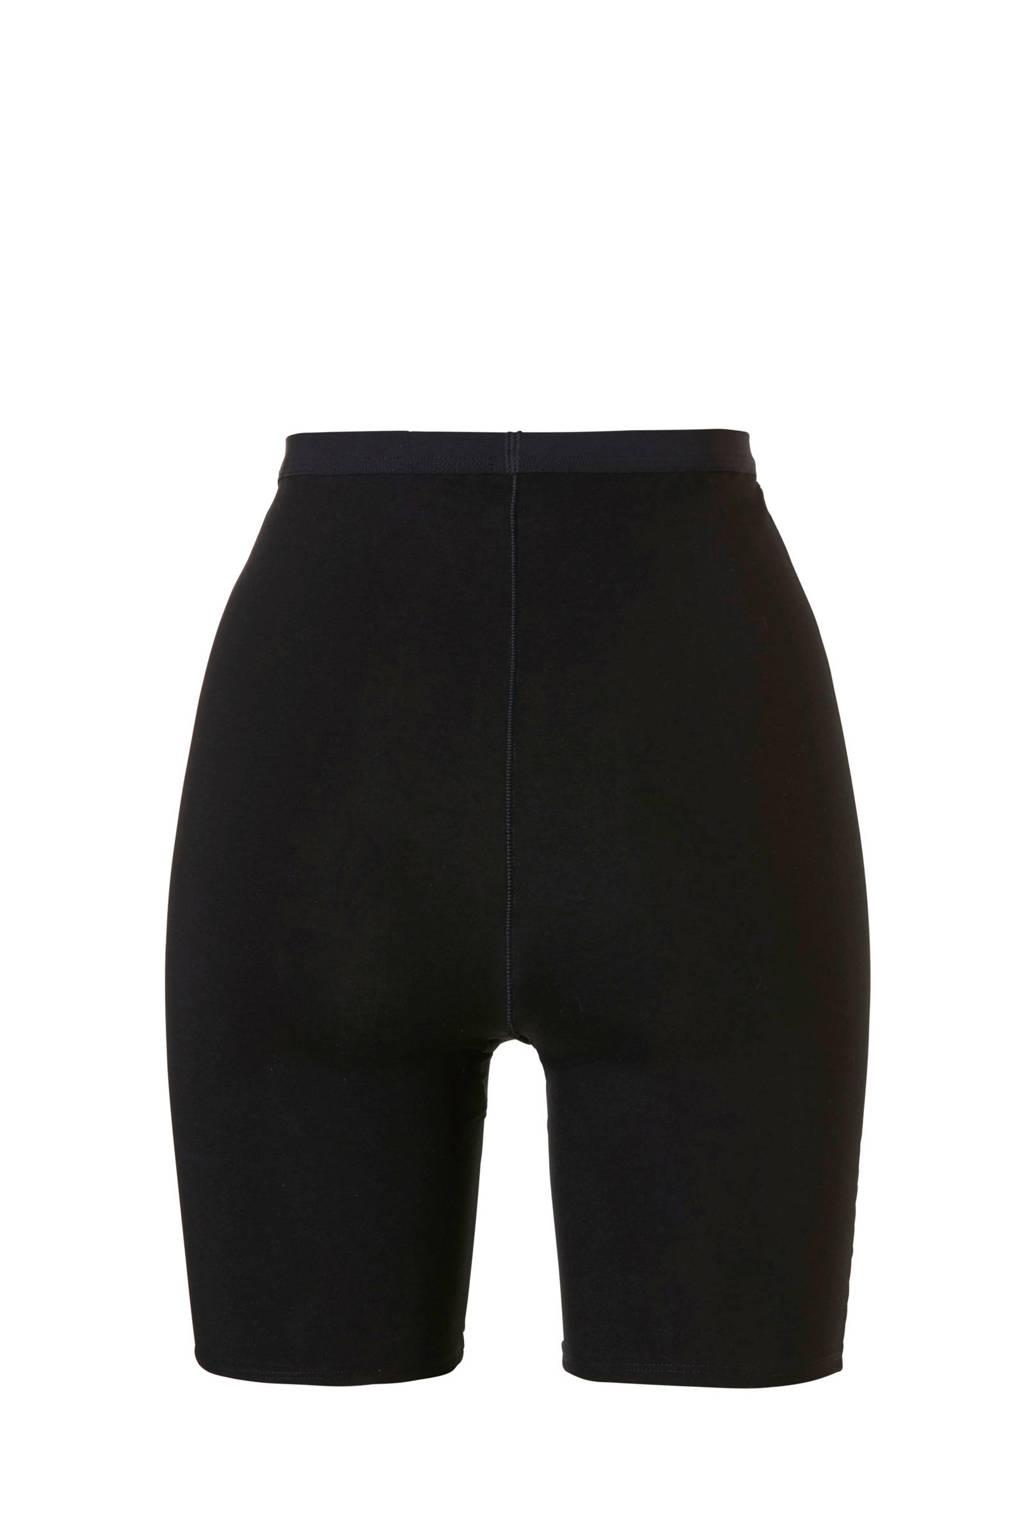 ten Cate Cotton Contour corrigerende short zwart, Zwart